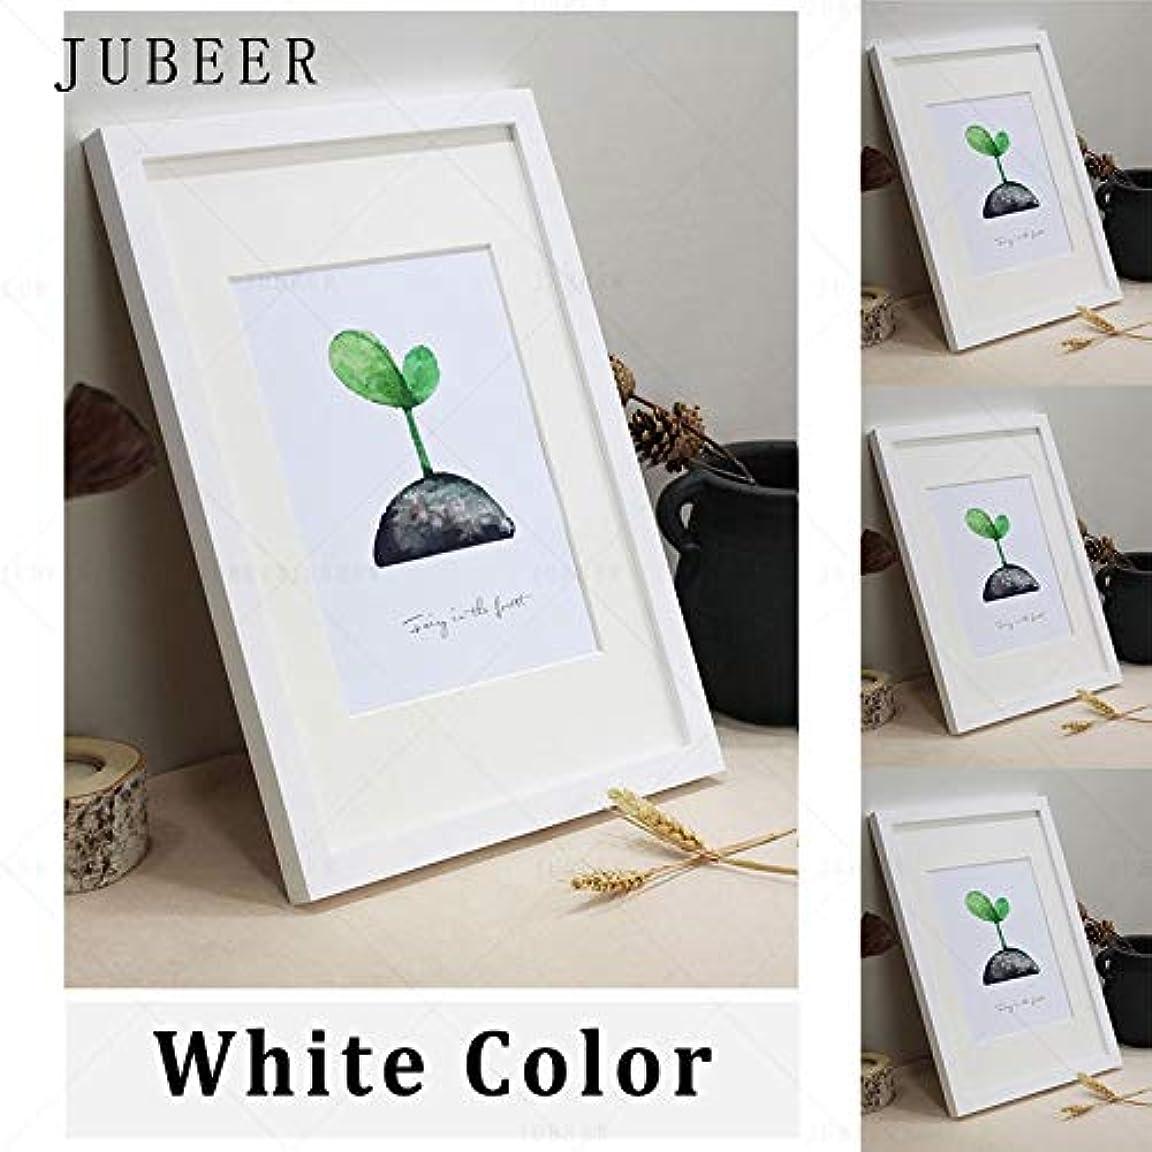 マーティンルーサーキングジュニア兄バンケットファッション創造 北欧のシンプルな木製フレームA4 A3ブラックホワイト色の画像をフォトフレーム用壁掛け額縁ウォールフォトフレームホームデコレーション (Color : White, Size : 6x8inch(15x20cm))